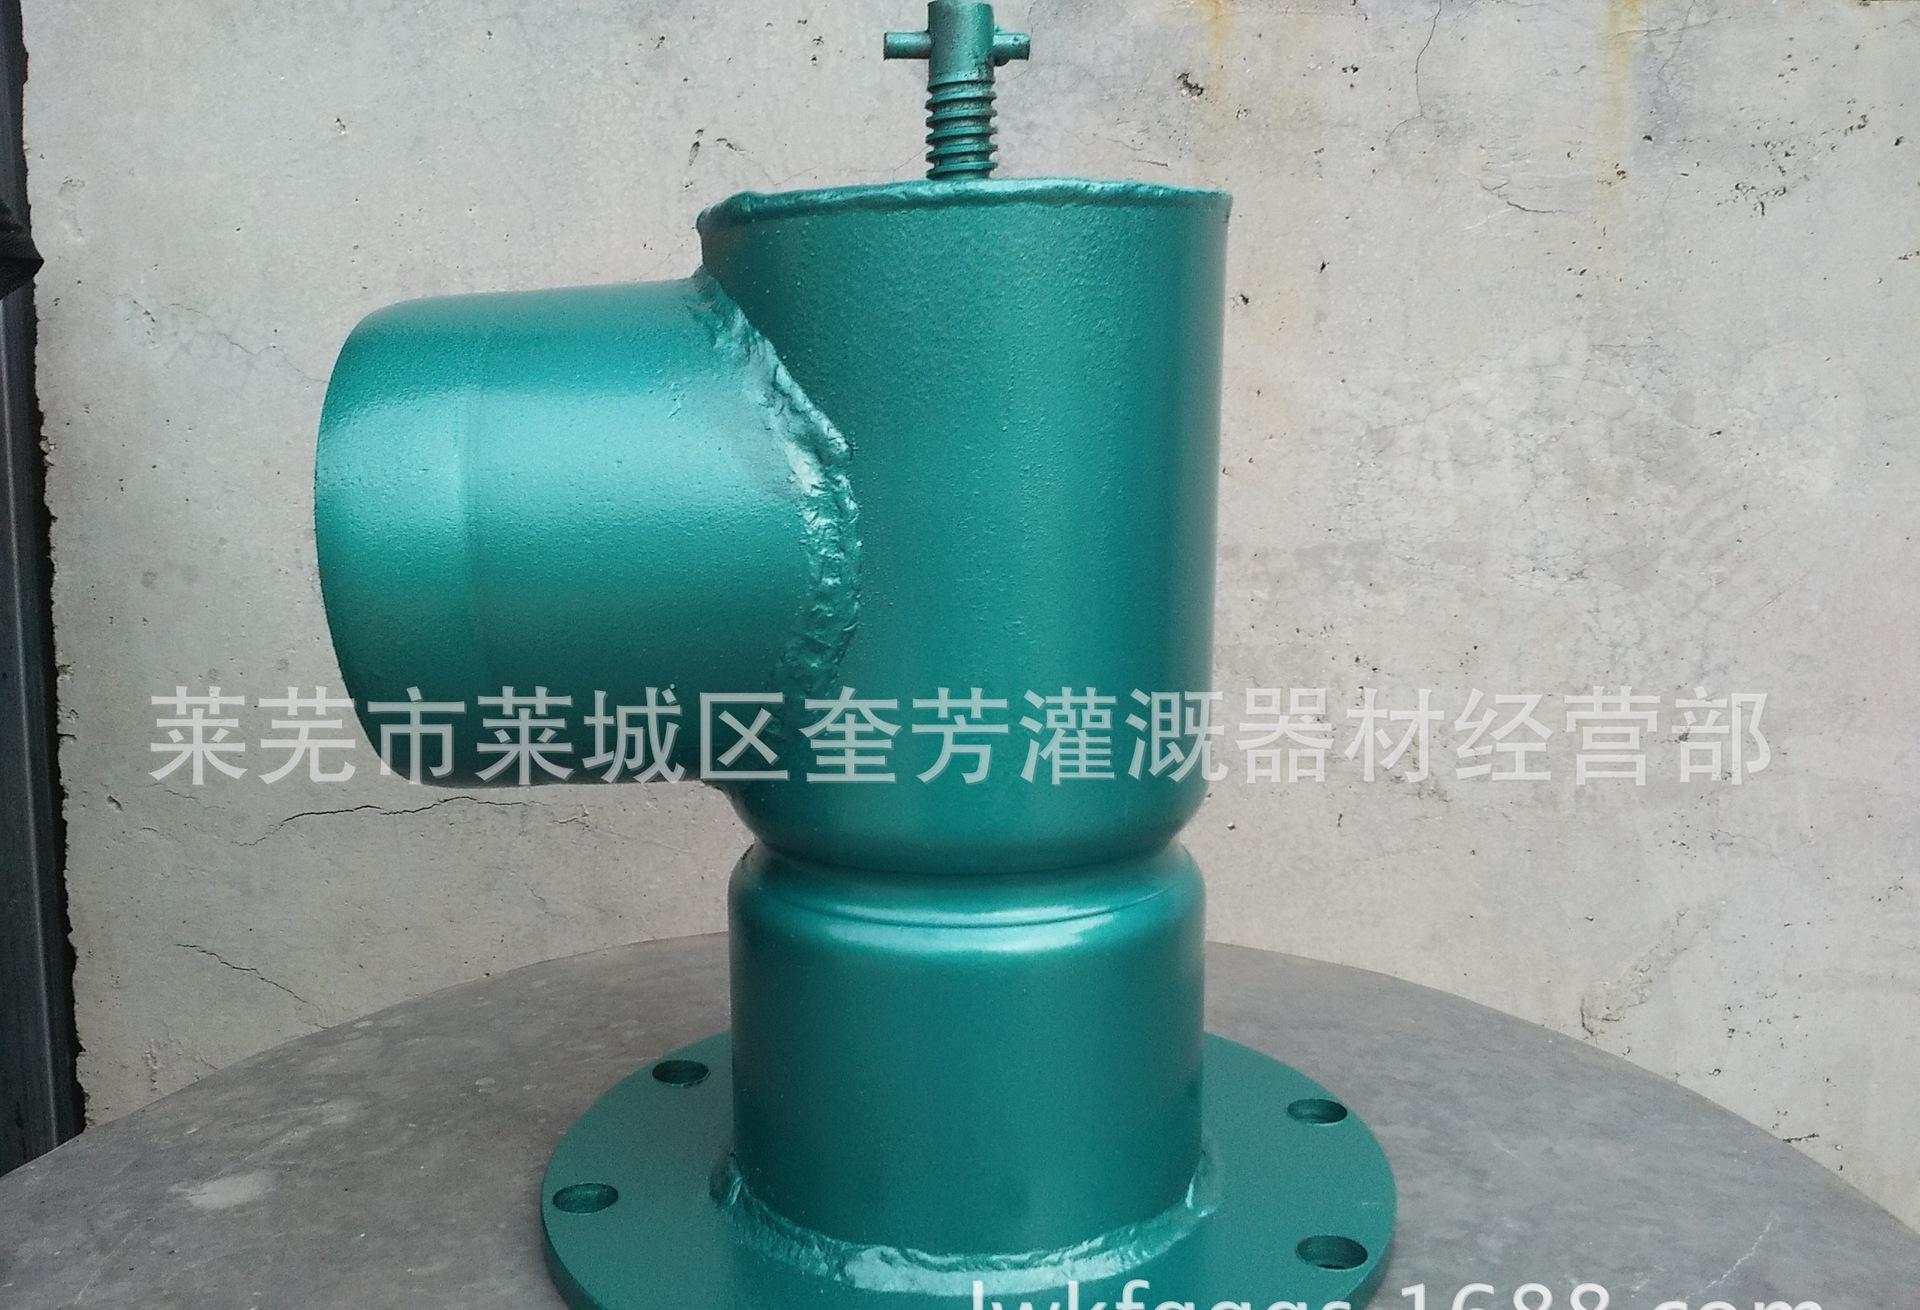 厂家生产各种 出水口 钢制出水口 质量过关 专做农田灌溉器材图片